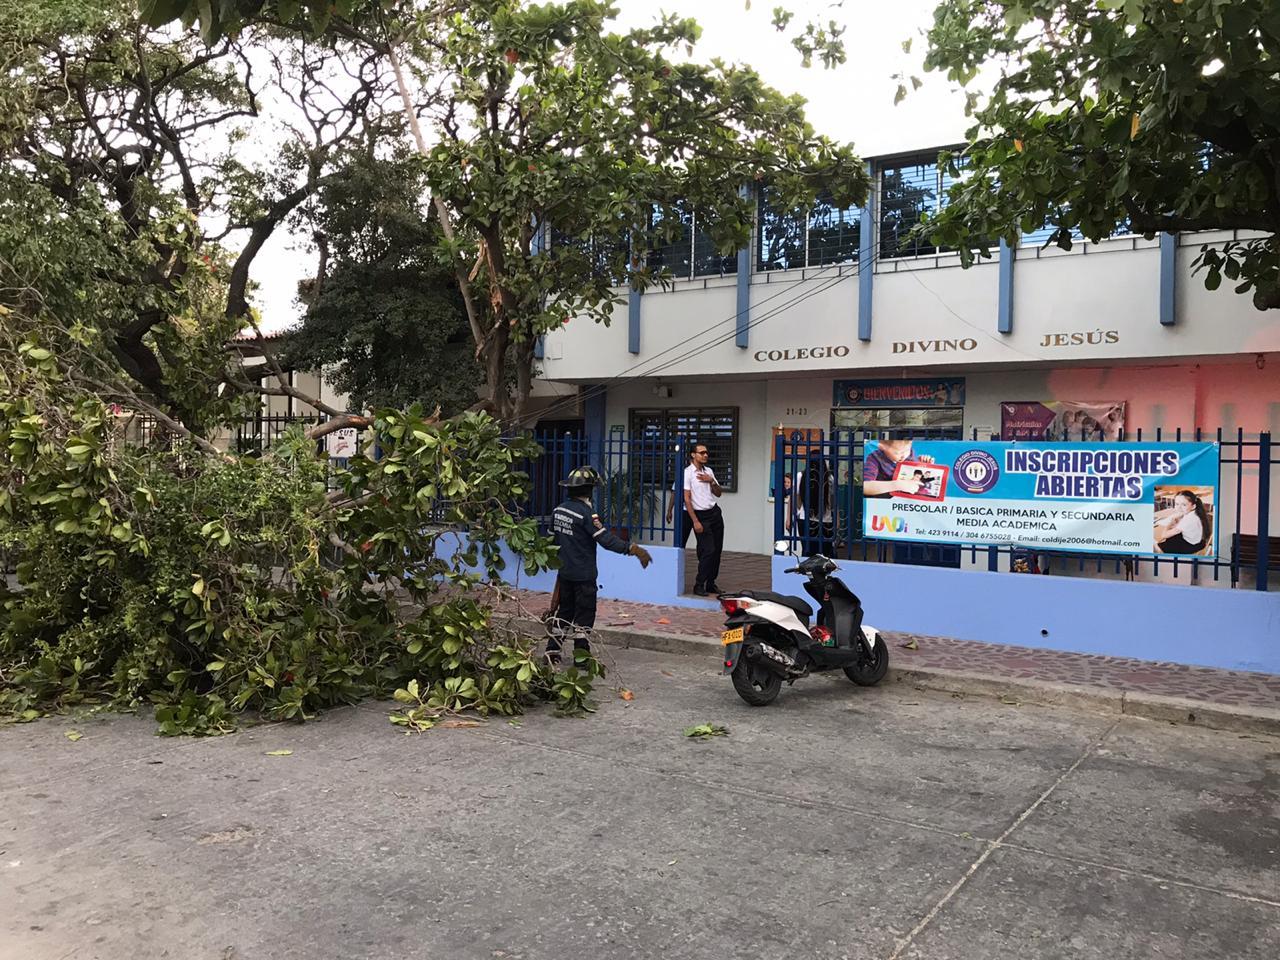 Caída de árbol en el colegio Divino Jesús